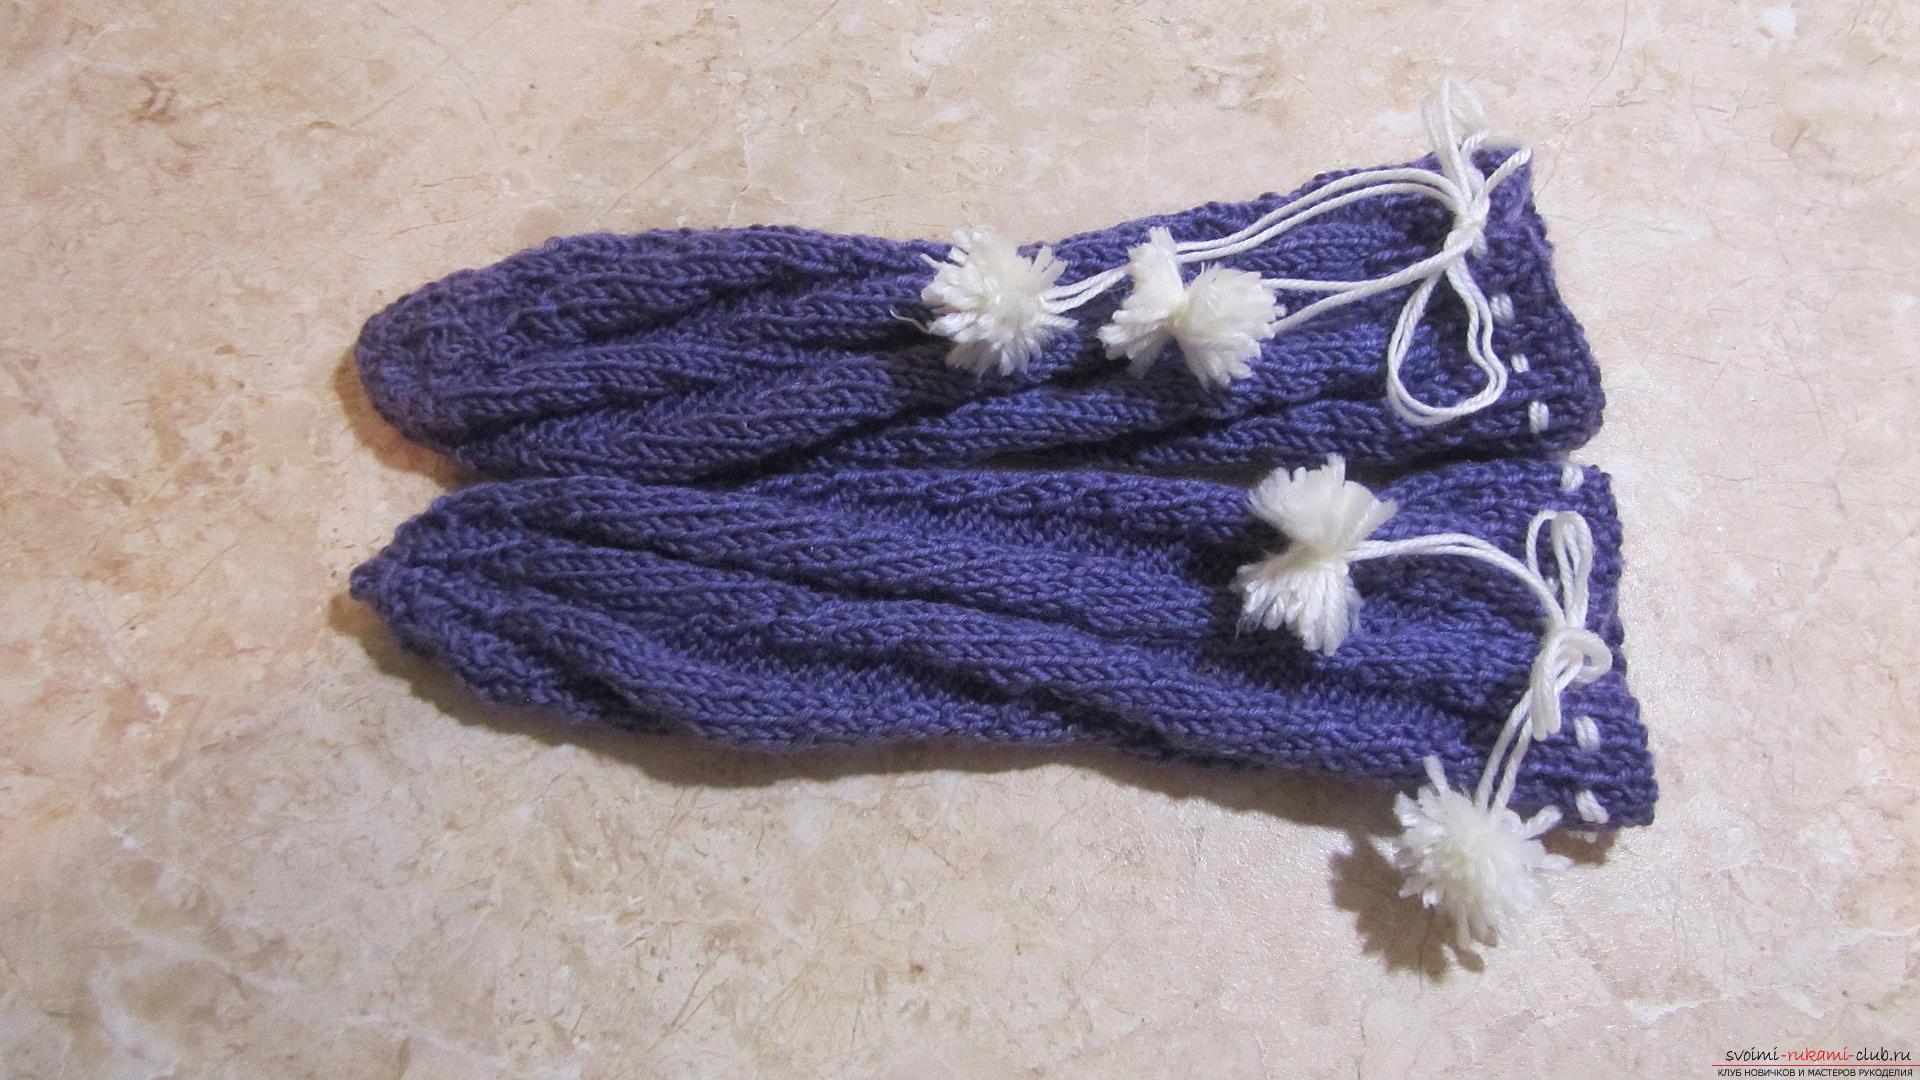 Подробный мастер-класс с фото покажет как вязать самой носки на двух спицах – спиральные носки.. Фото №1